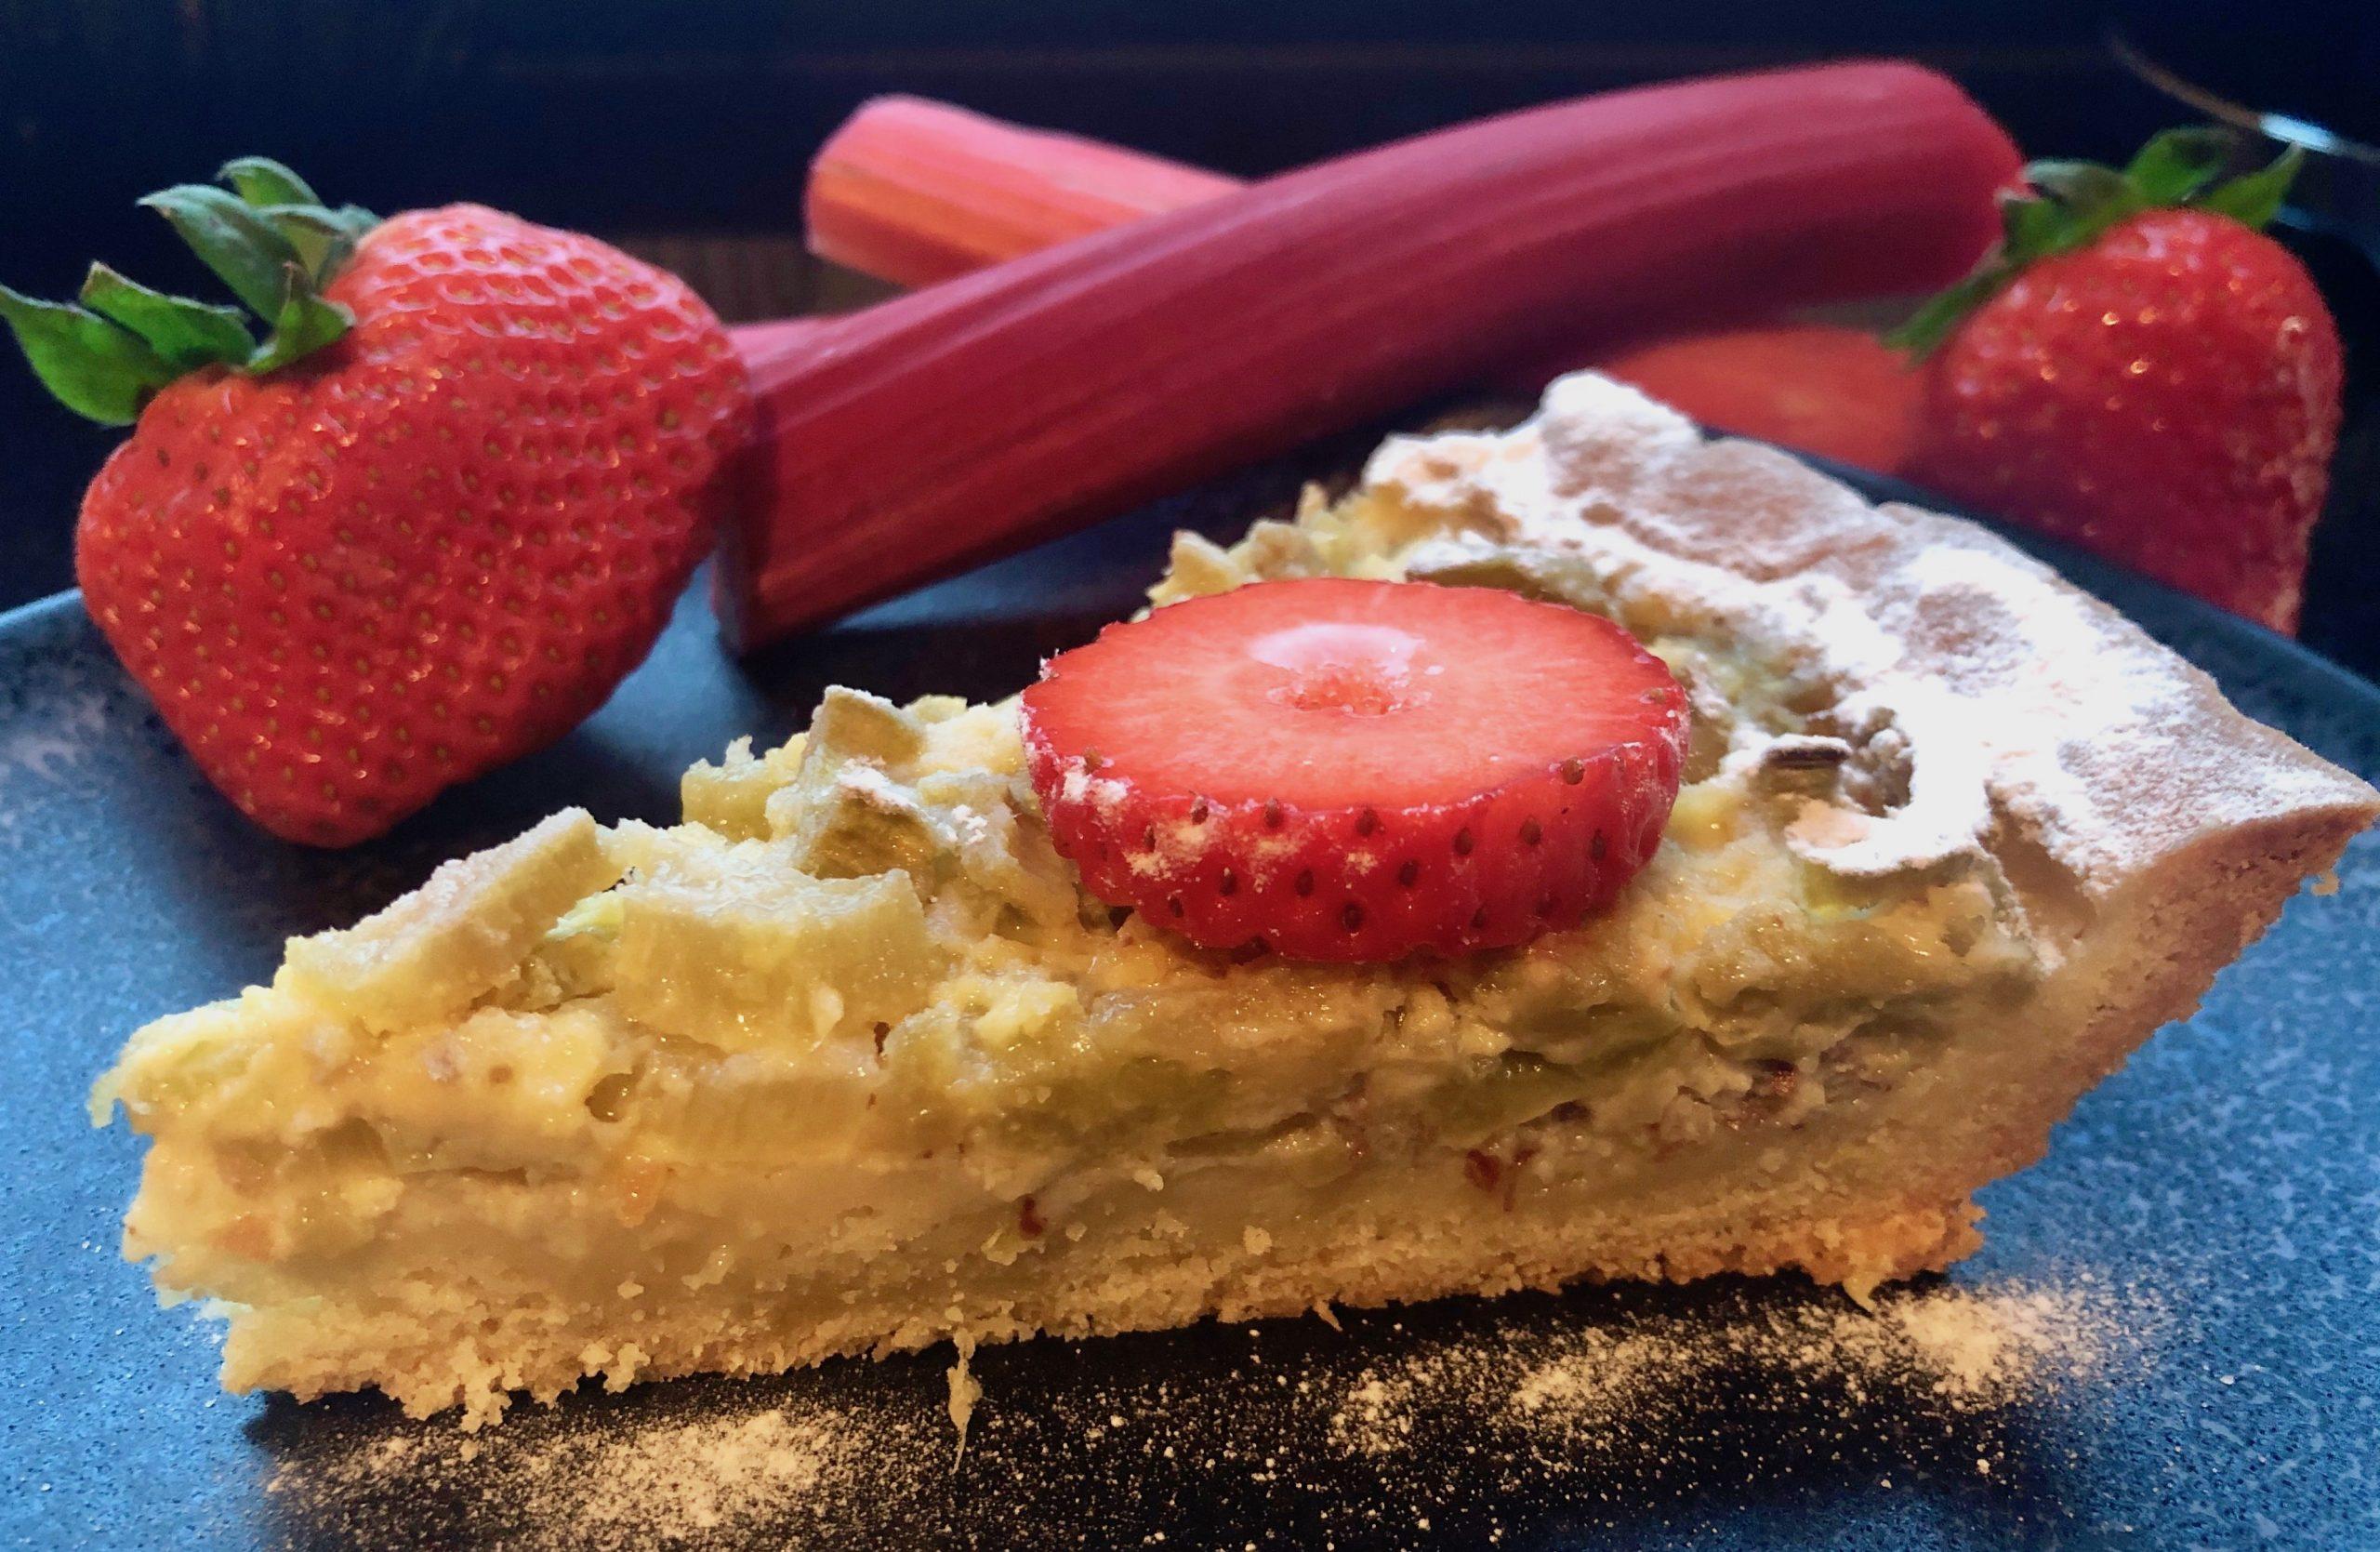 saftiger und fruchtiger Rhabarberkuchen.jpg